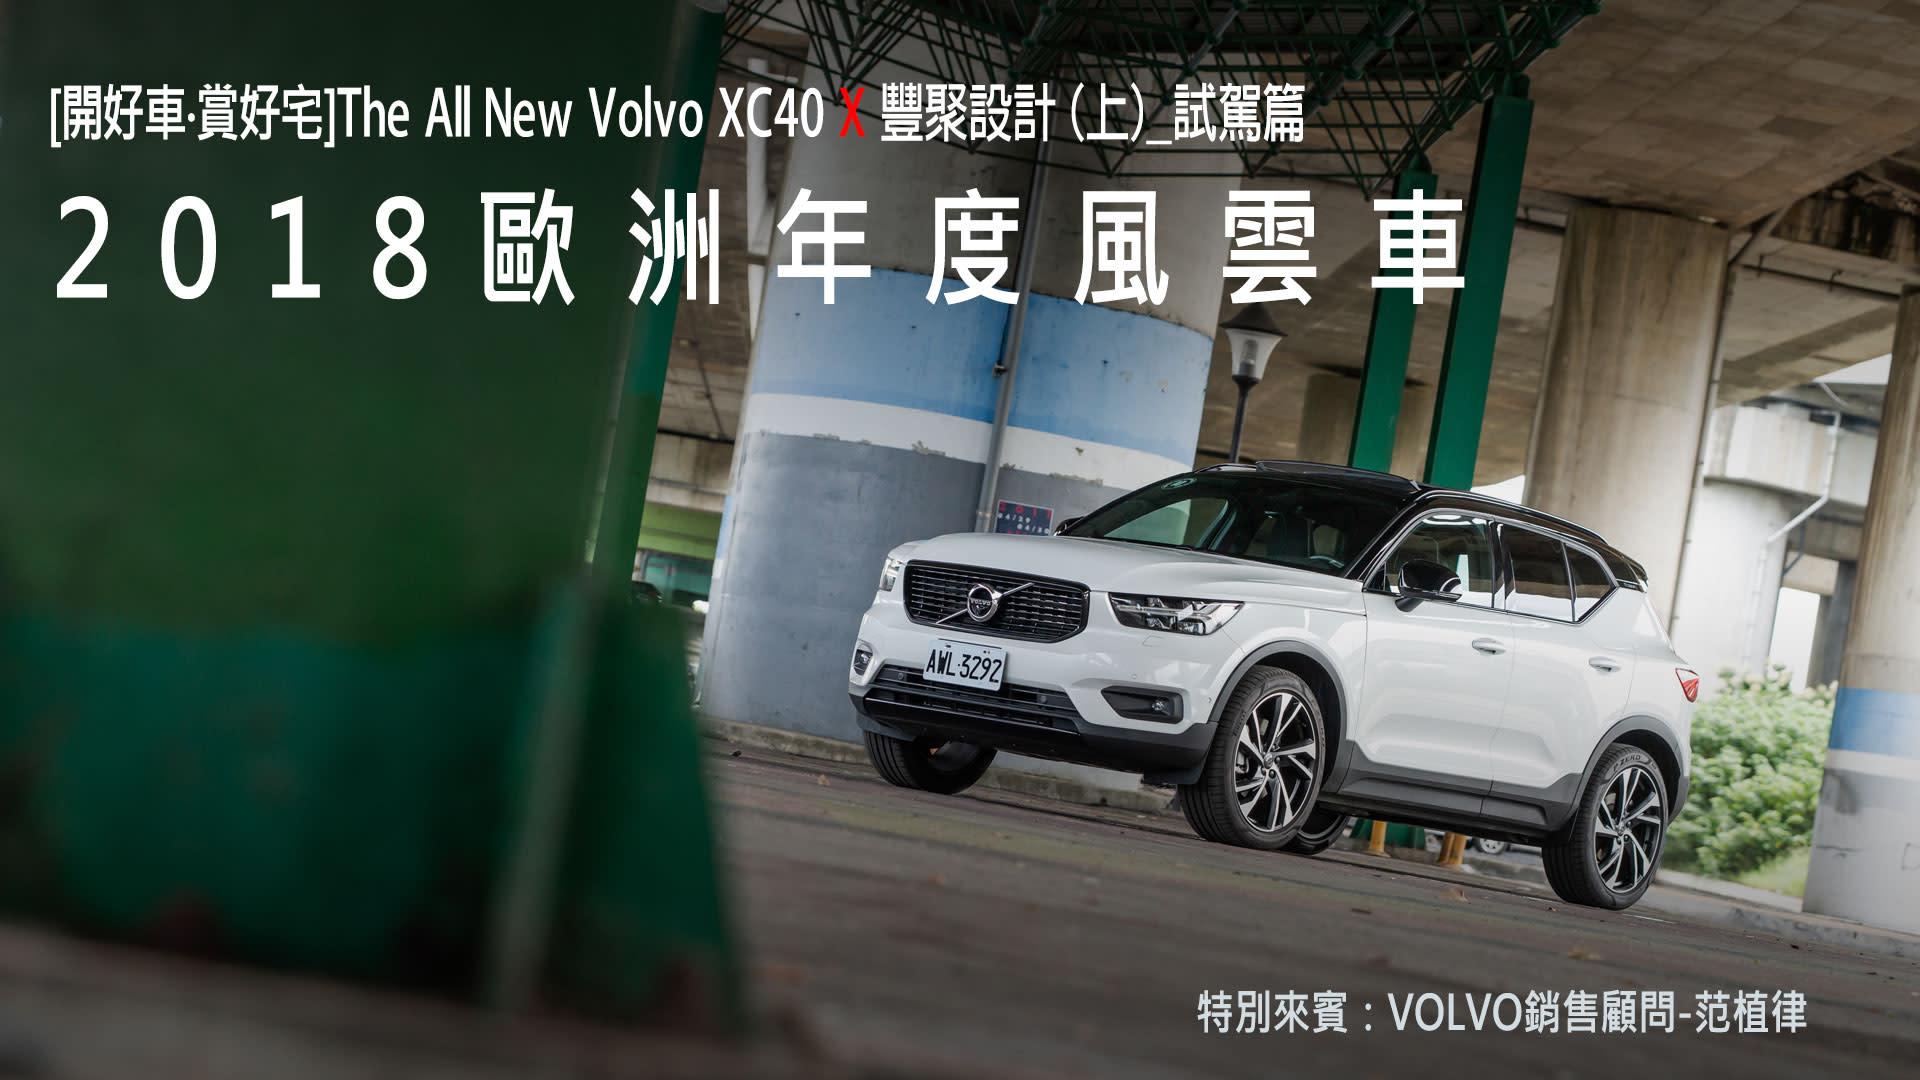 [開好車‧賞好宅]VOLVO XC40  X  豐聚設計(上)試駕篇_2018歐洲年度風雲車